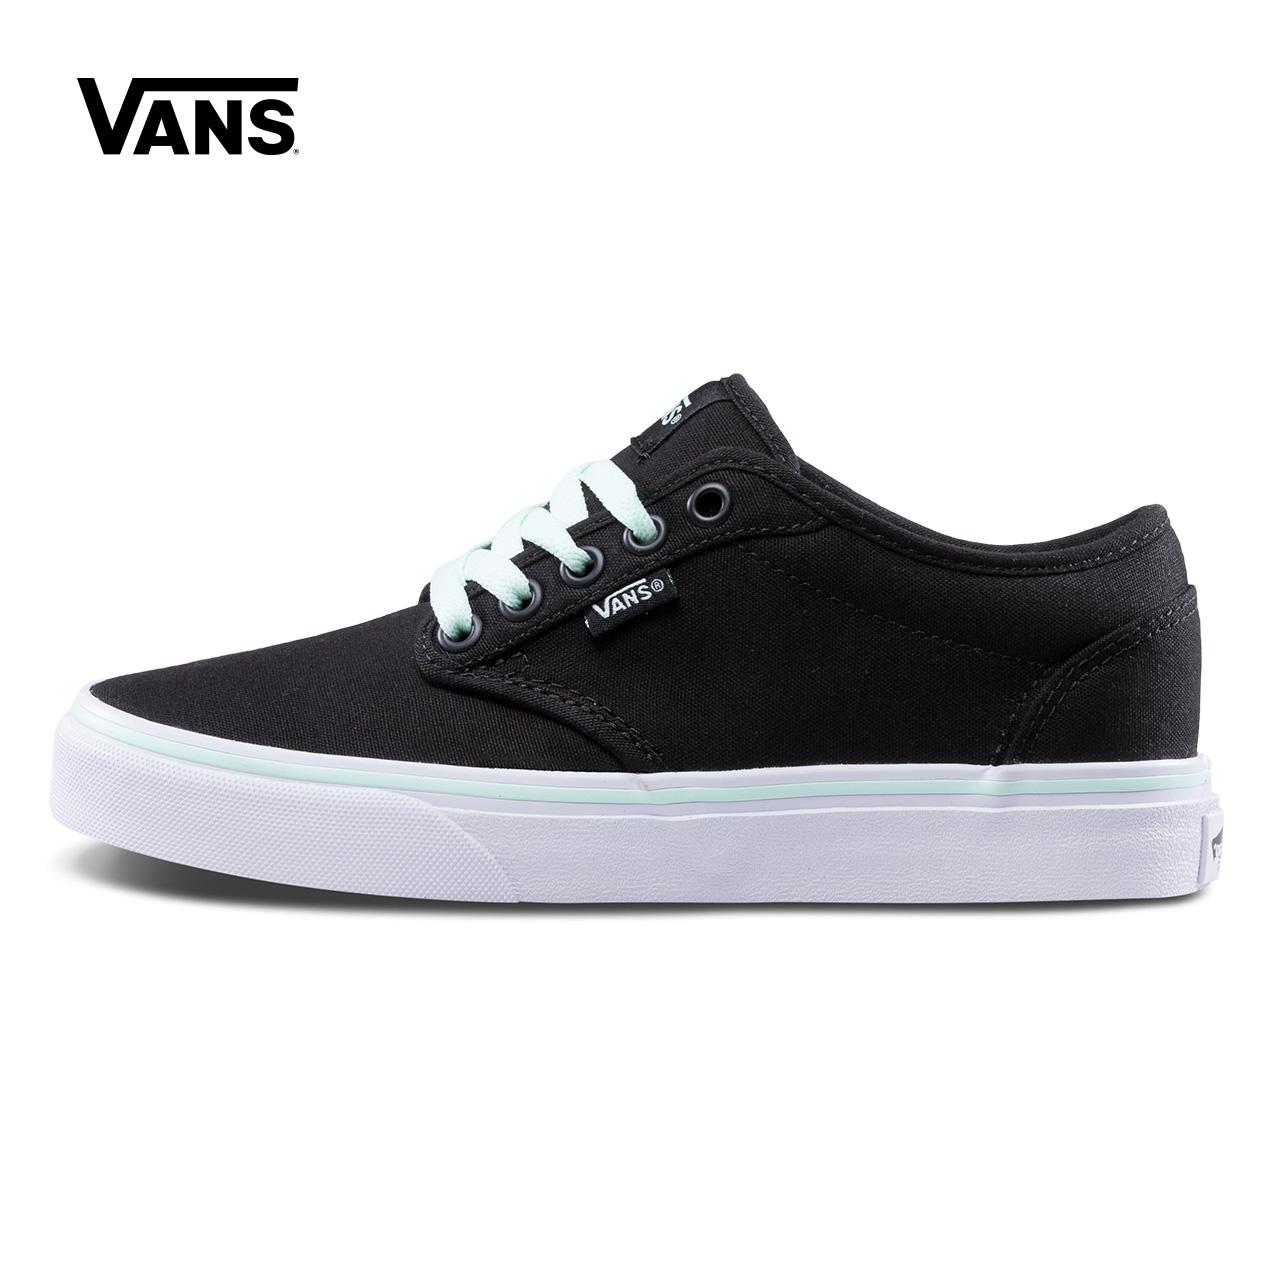 Vans範斯官方正品 黑色低幫女士運動帆布鞋